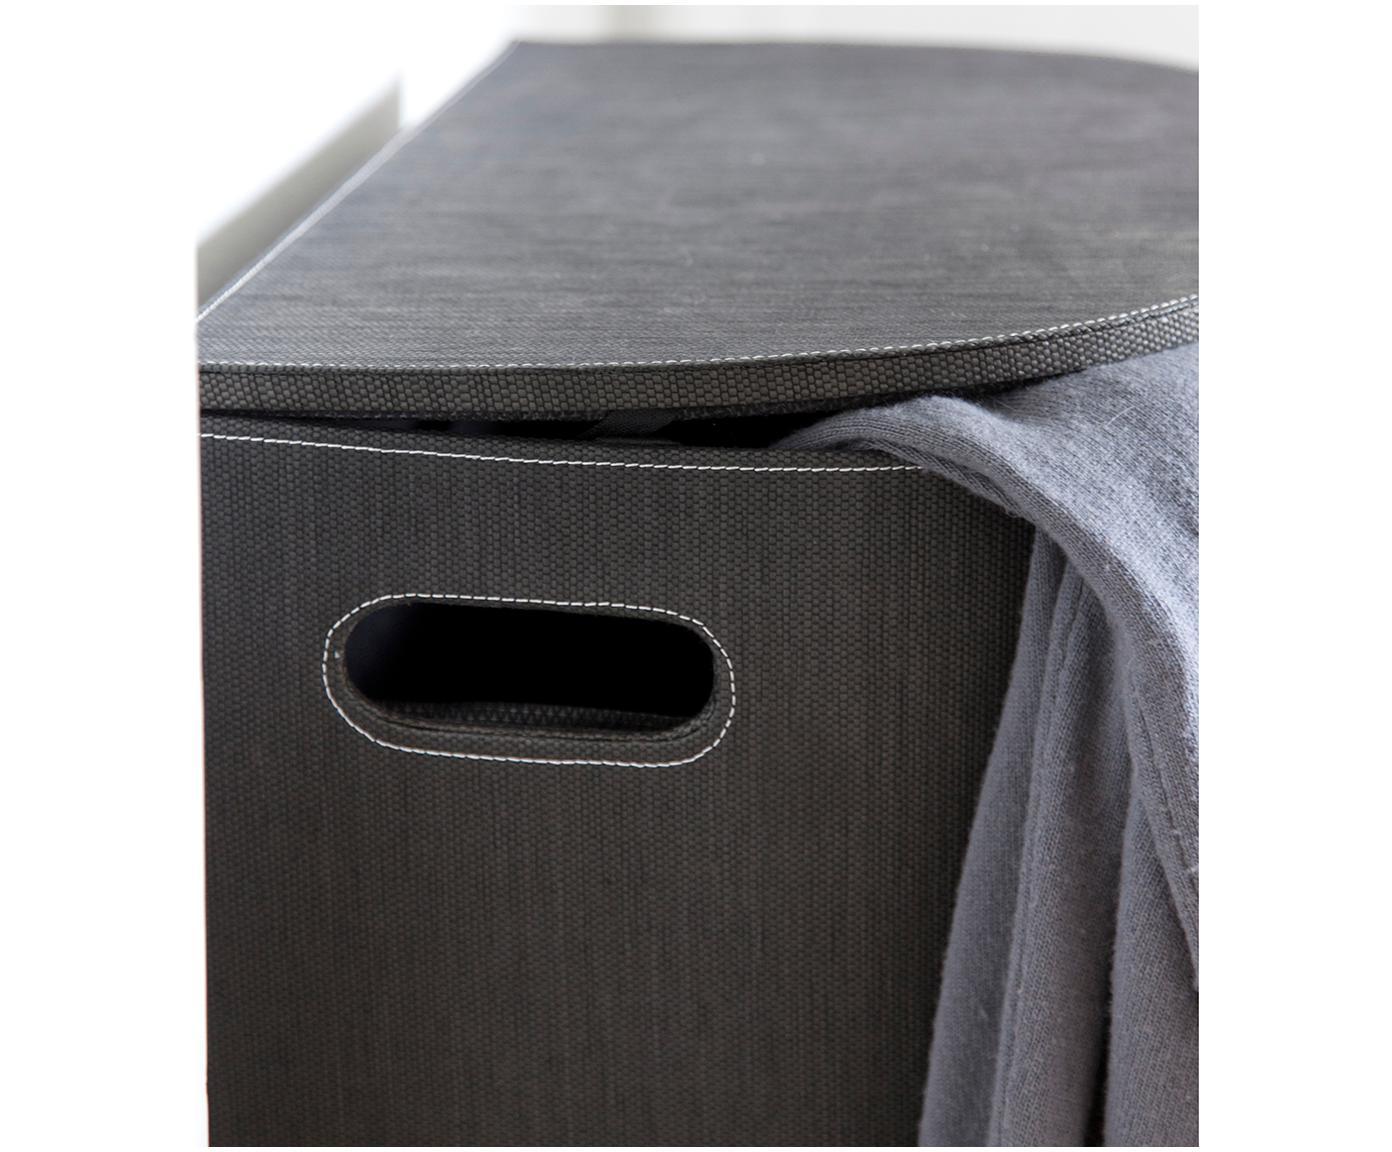 Kosz na pranie Sascha, Włókna z recyklingu, Czarny, 48 x 57 cm